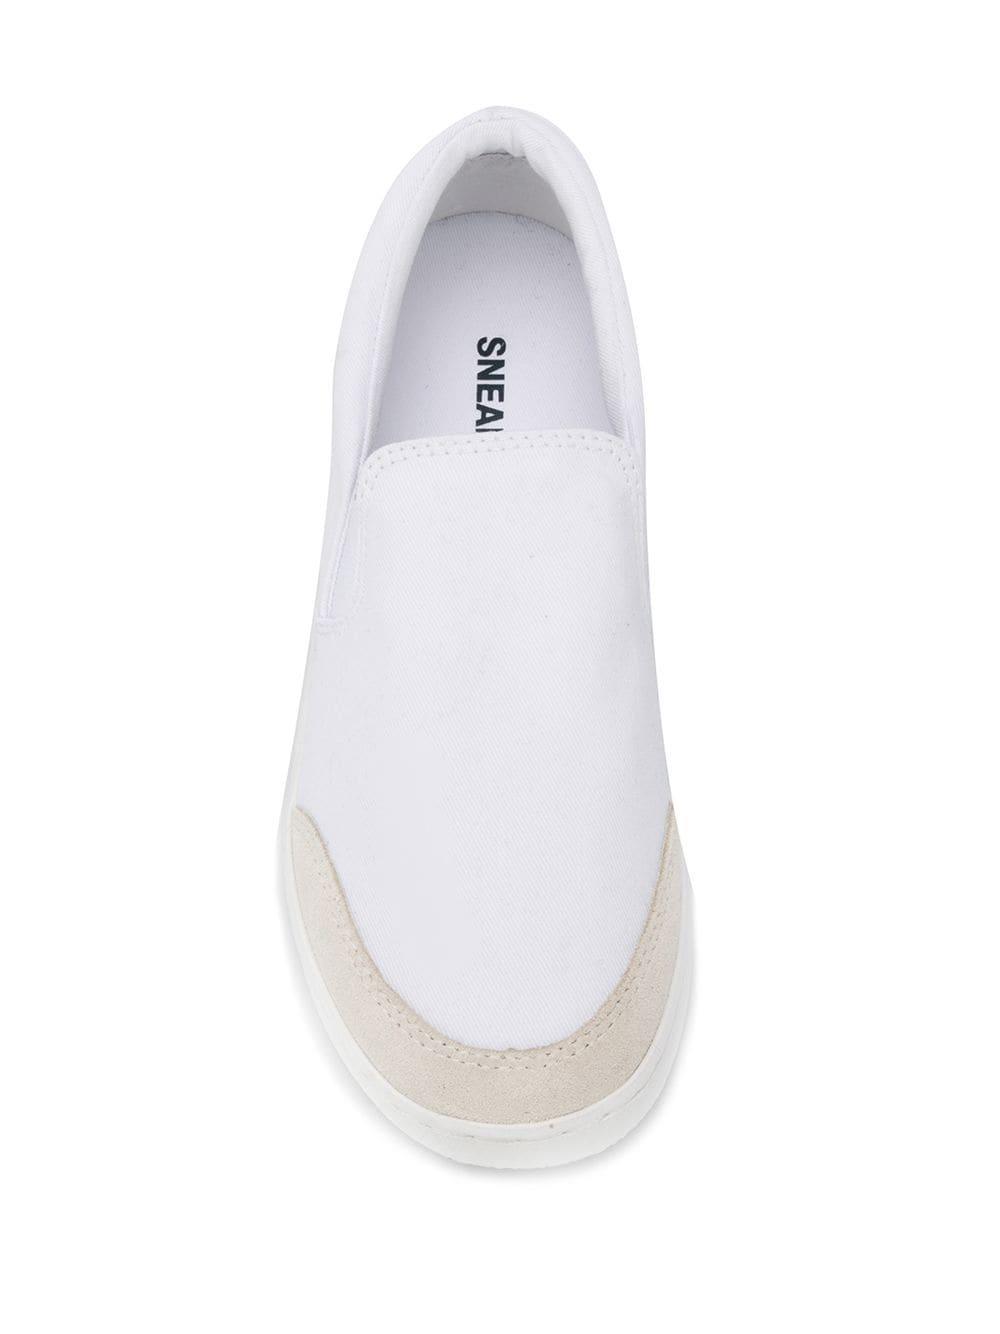 Zapatillas slip-on A.P.C. de Lona de color Blanco